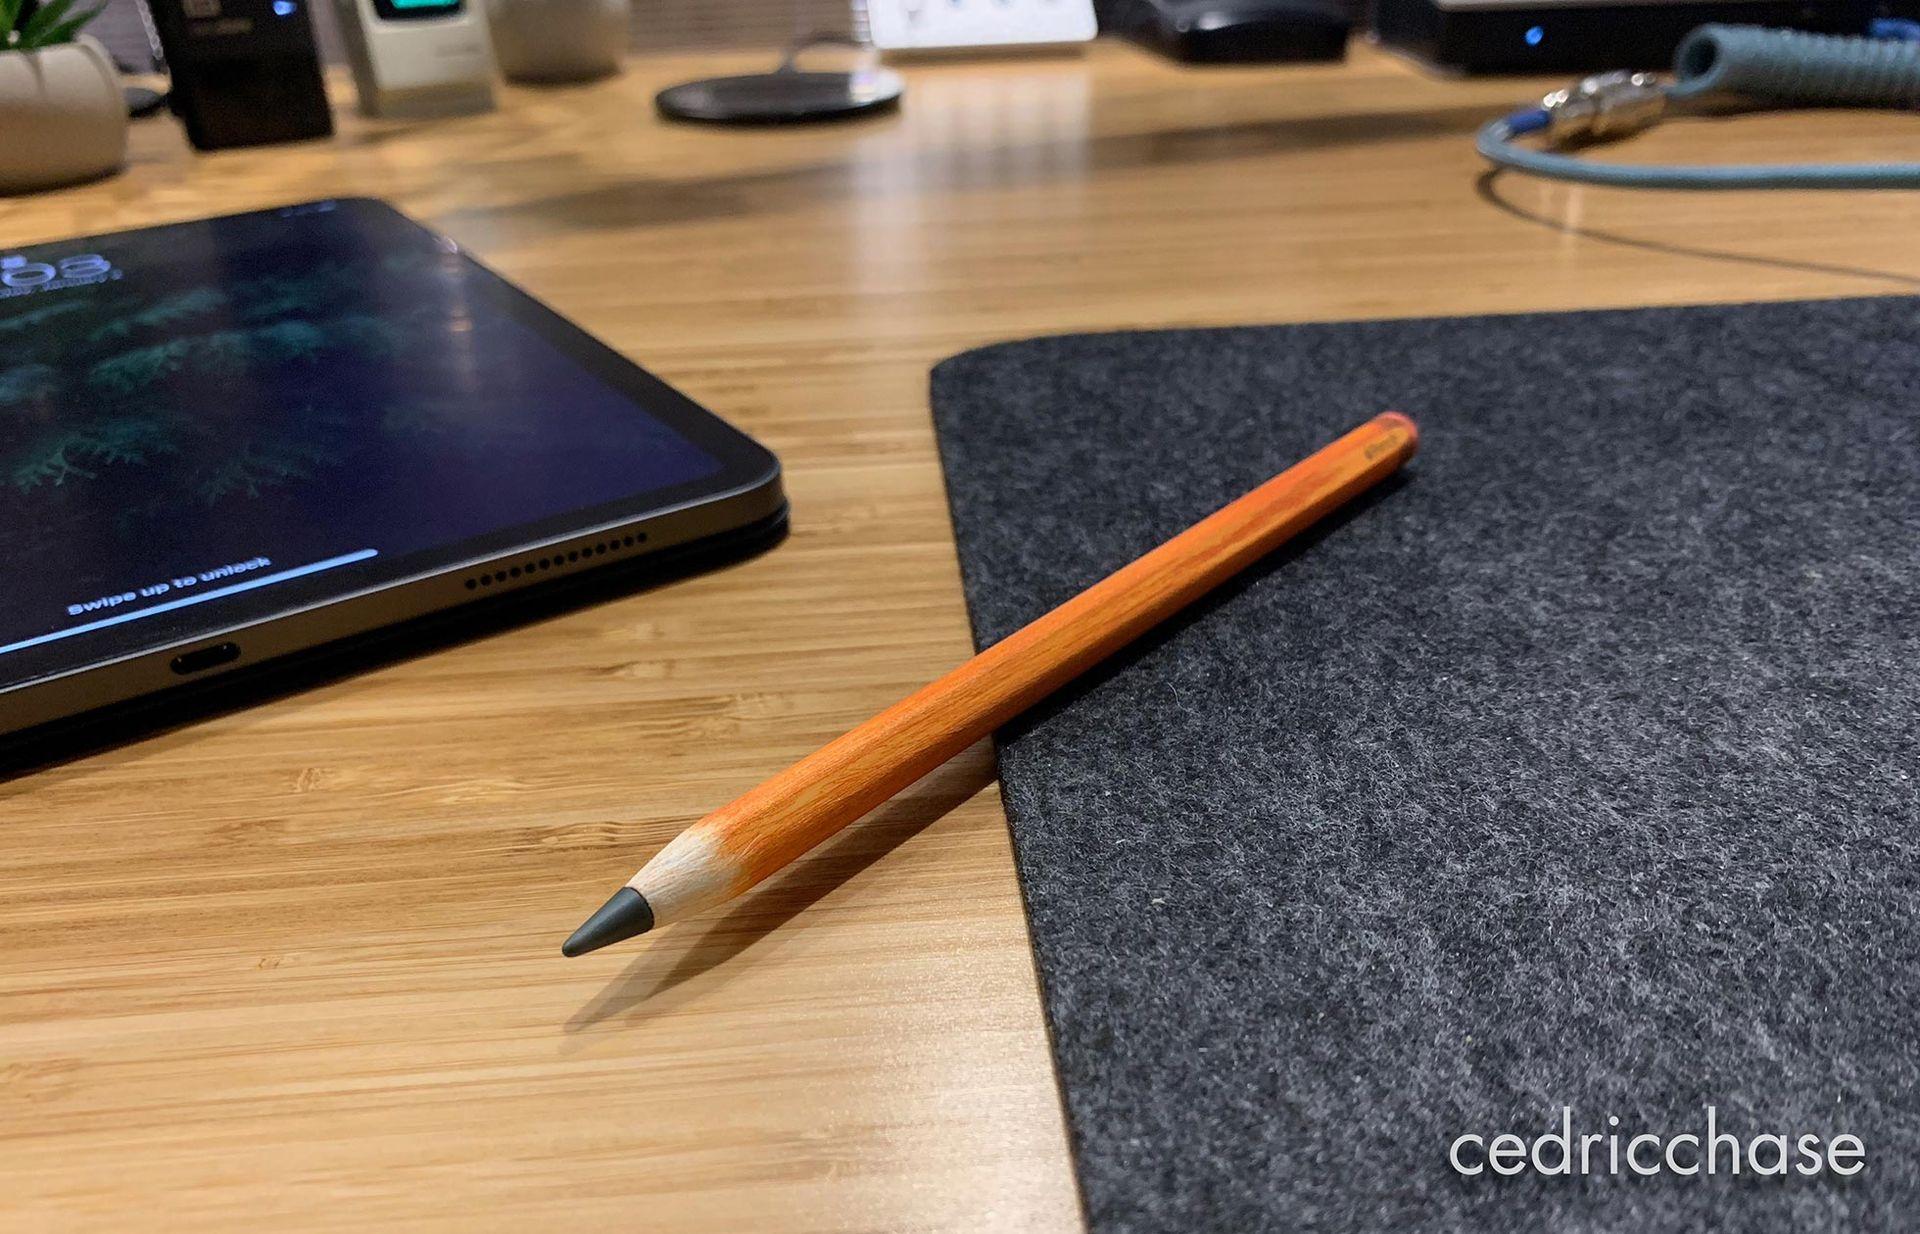 Kille fixar till Apple-penna